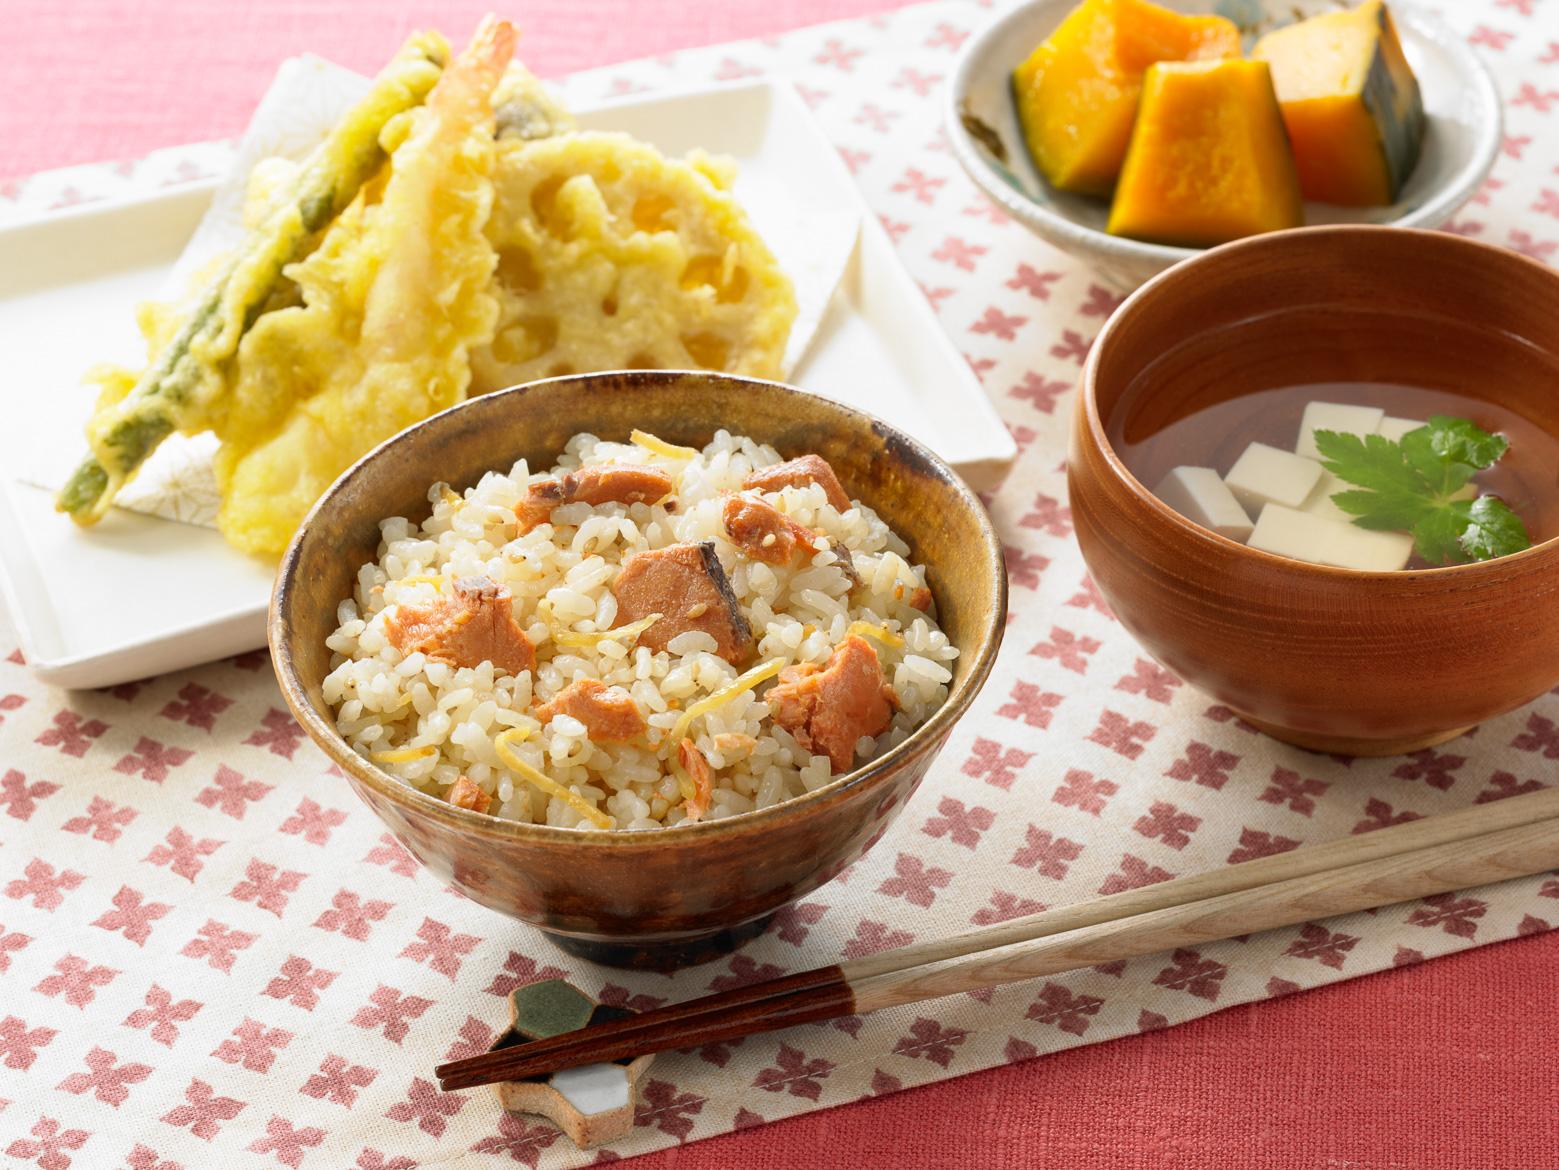 サクラマスのまぜごはんの素 生姜醤油味 食卓イメージ